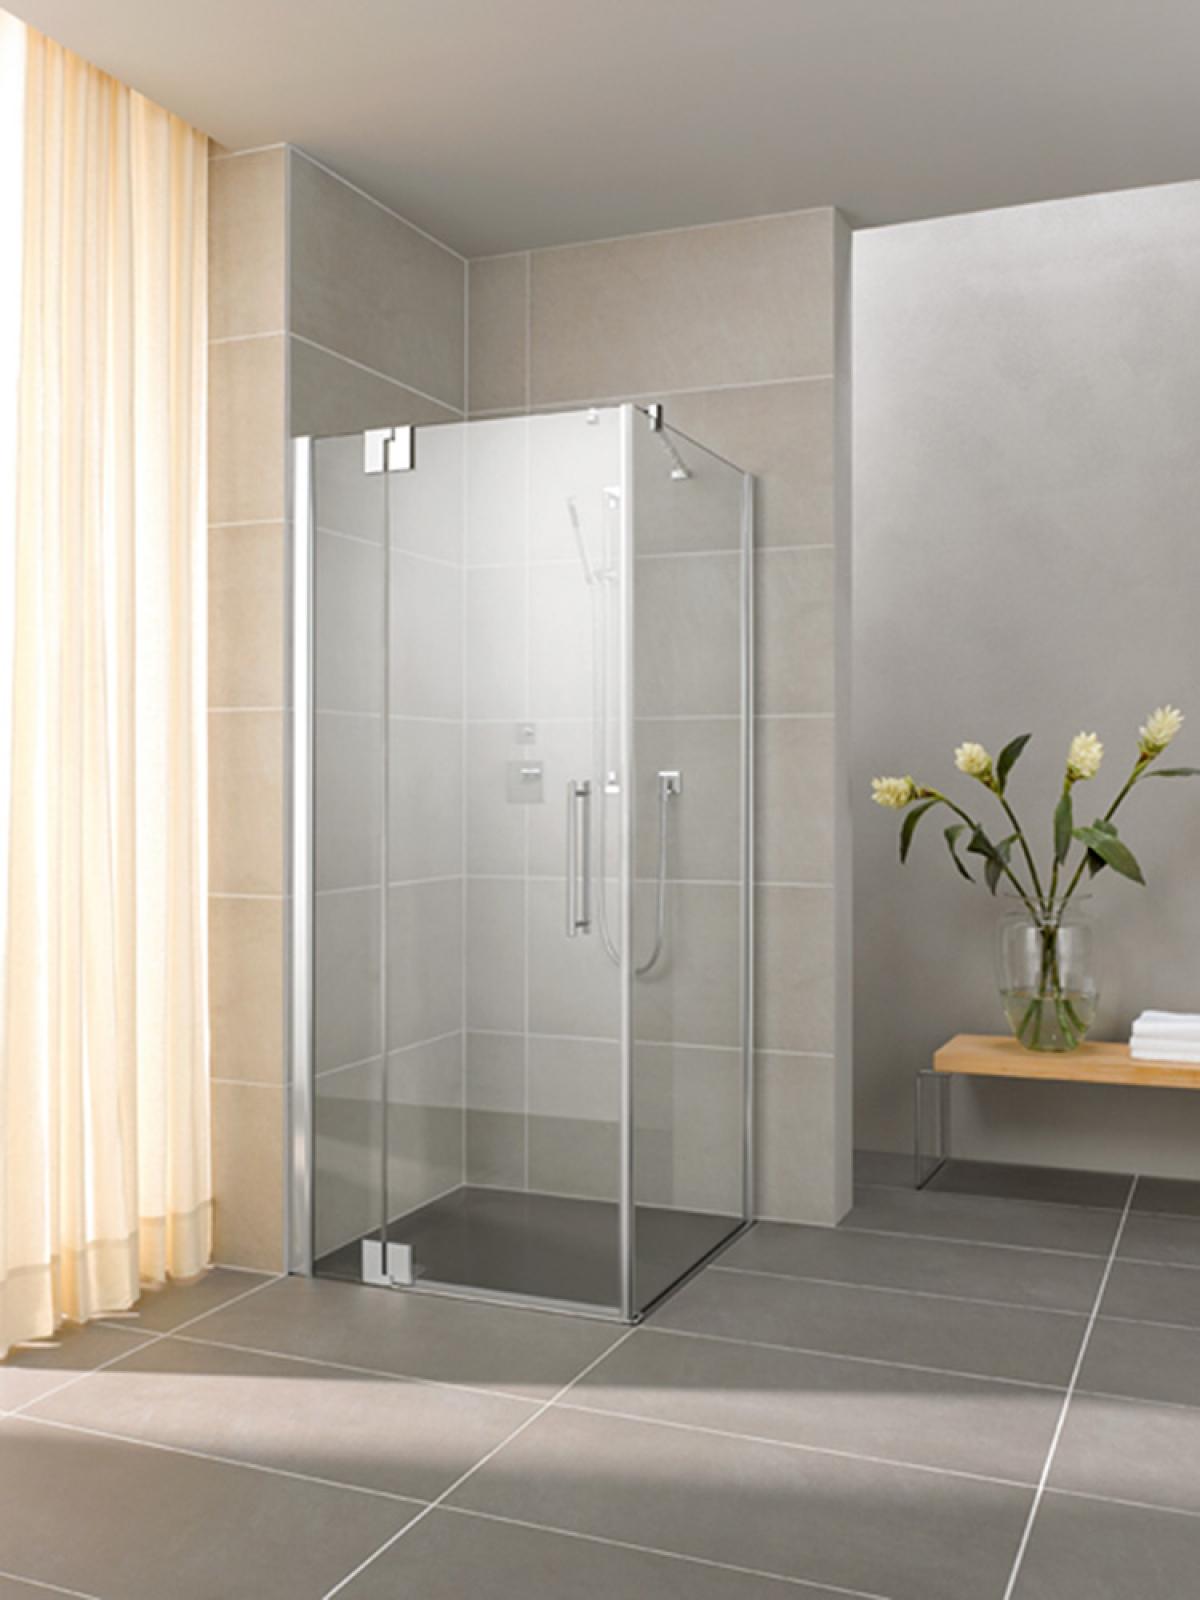 porte et paroi de douche pasa xp kermi induscabel salle de bains chauffage et cuisine. Black Bedroom Furniture Sets. Home Design Ideas